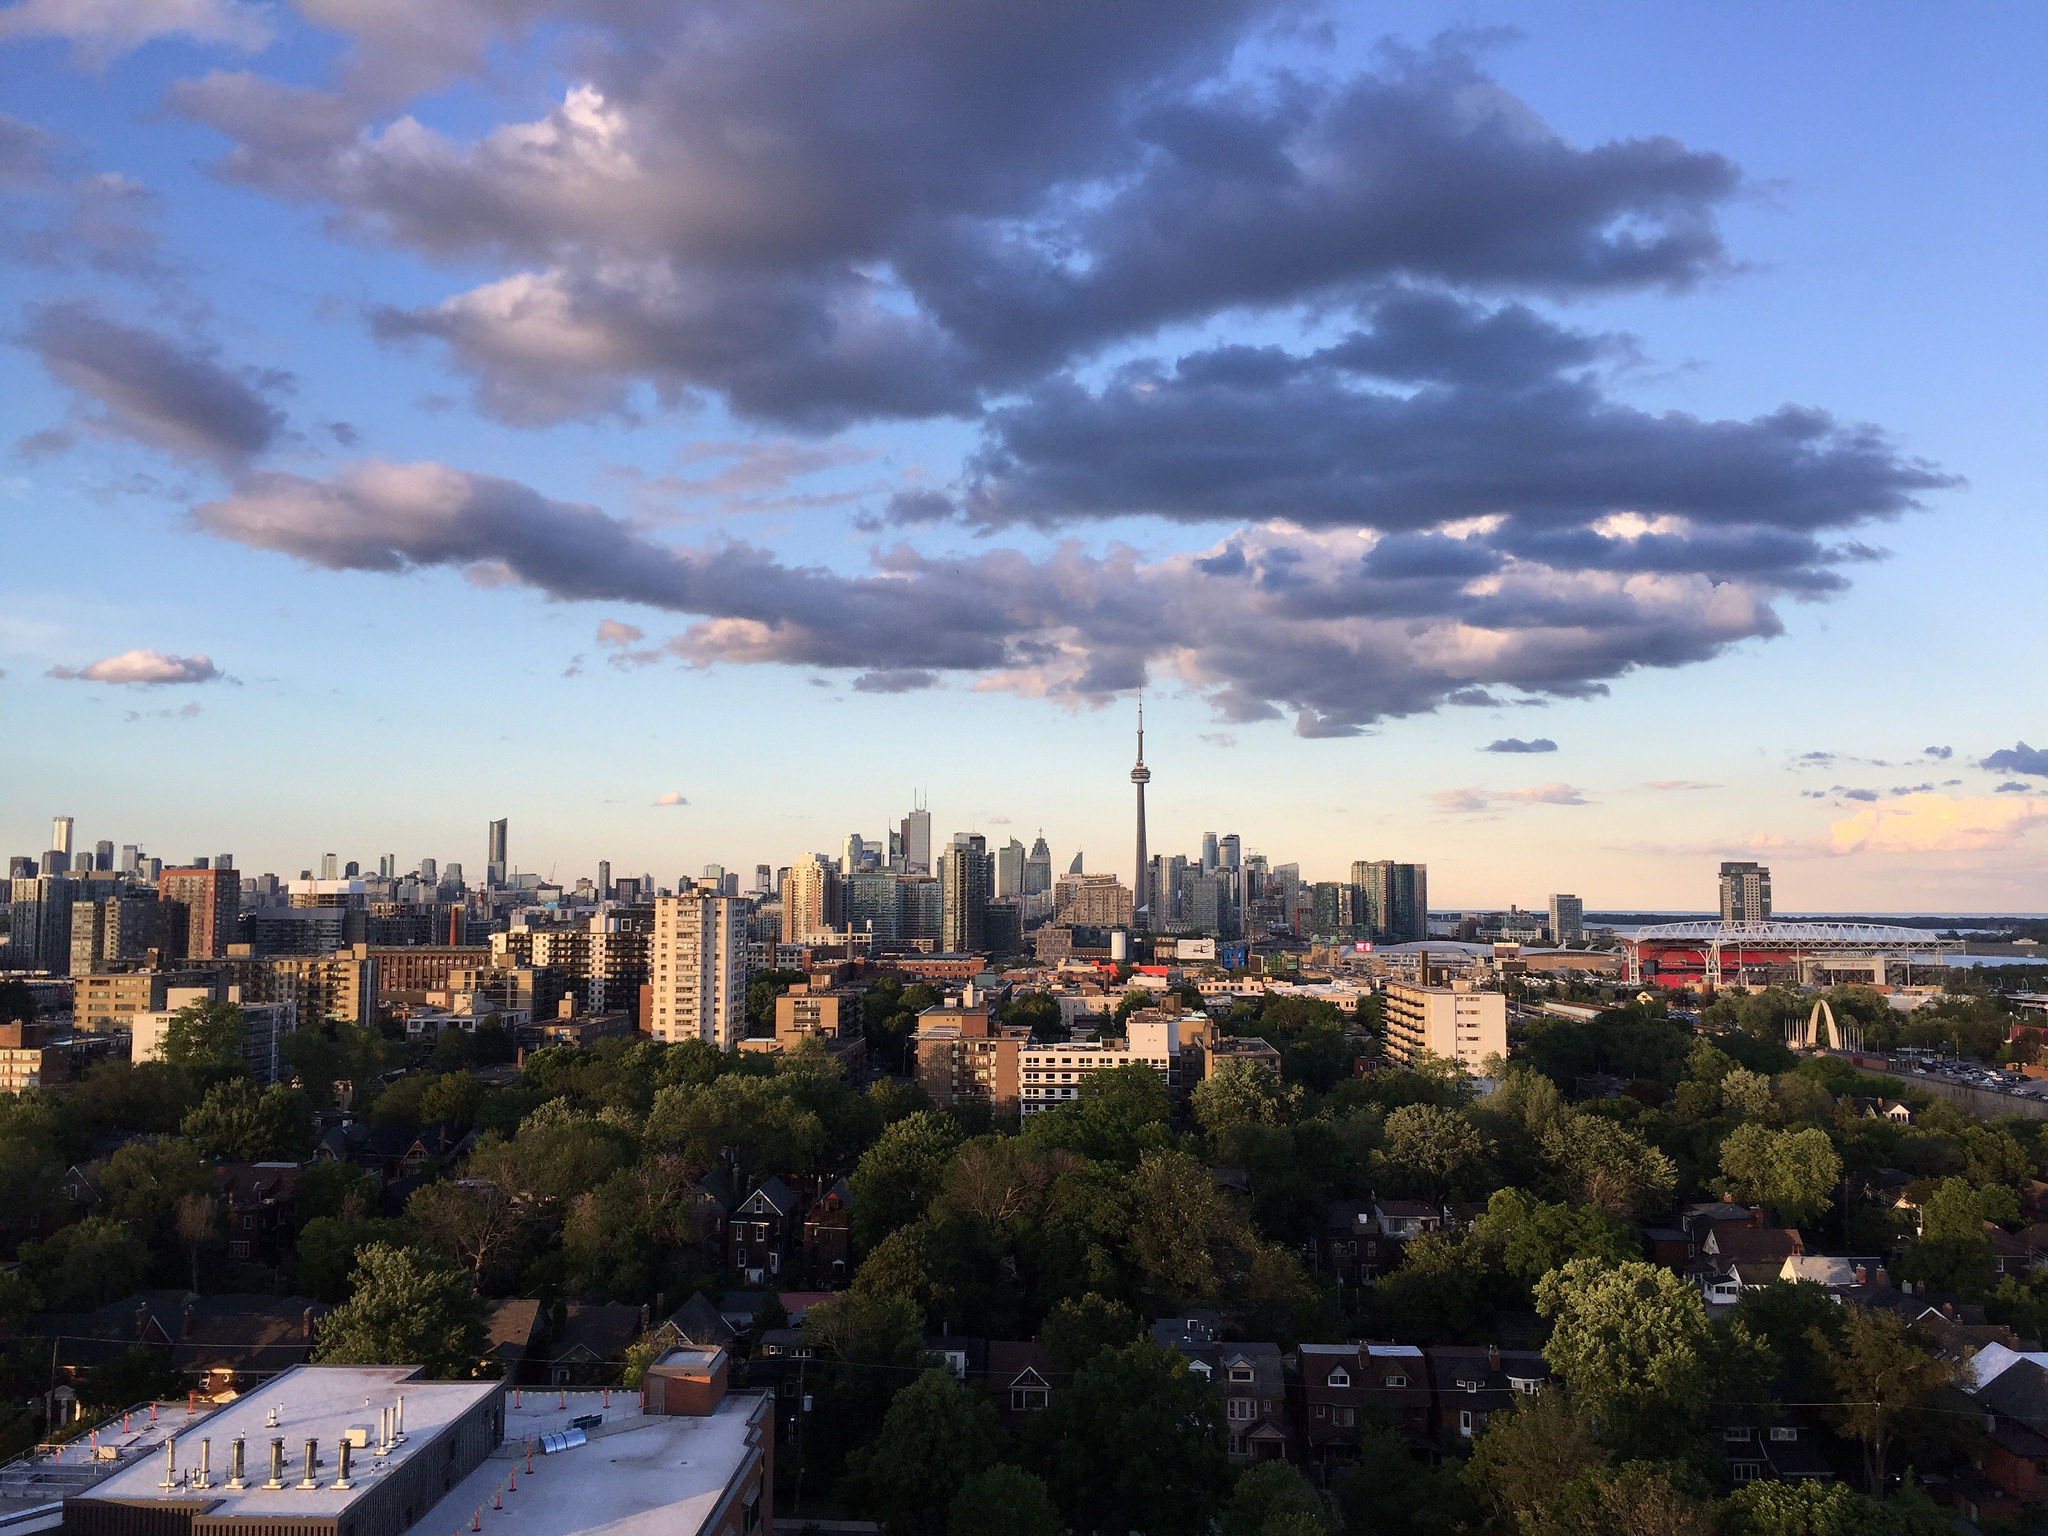 Toronto by amber dawn pullin